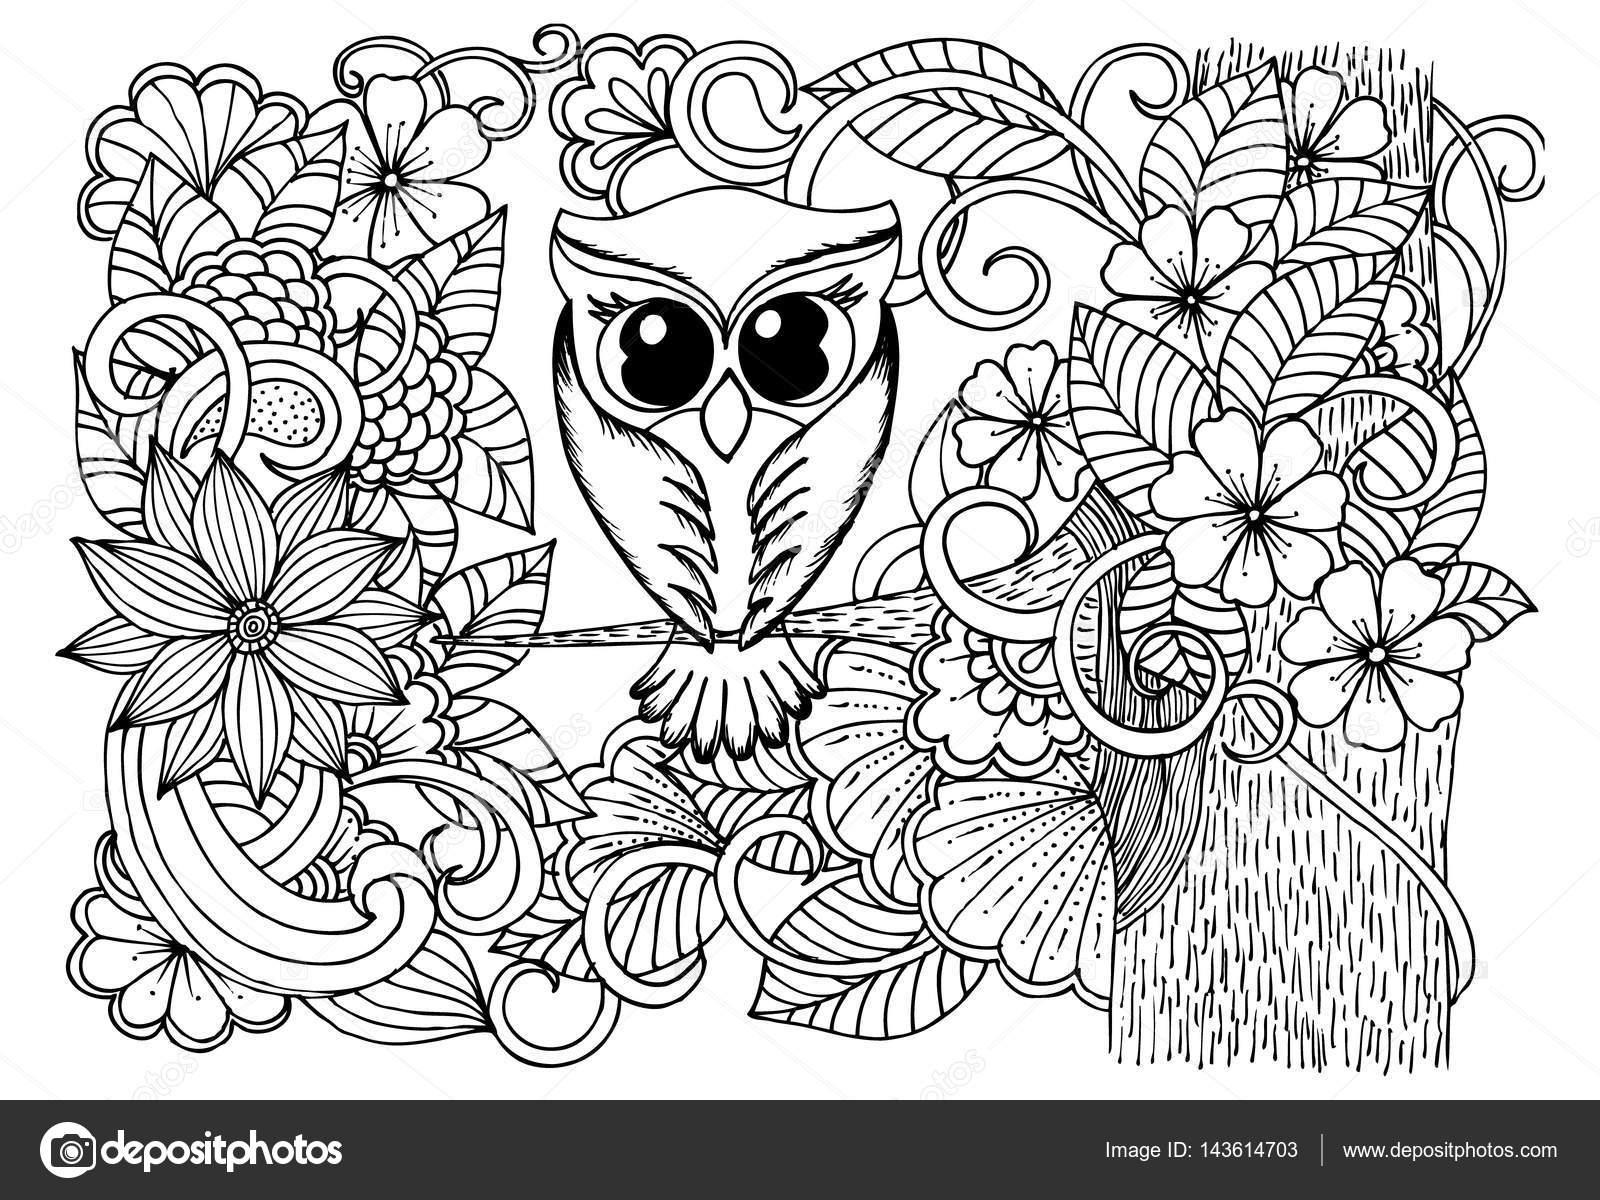 Oiseaux Et Fleurs Doodle Dessin Noir Et Blanc Image